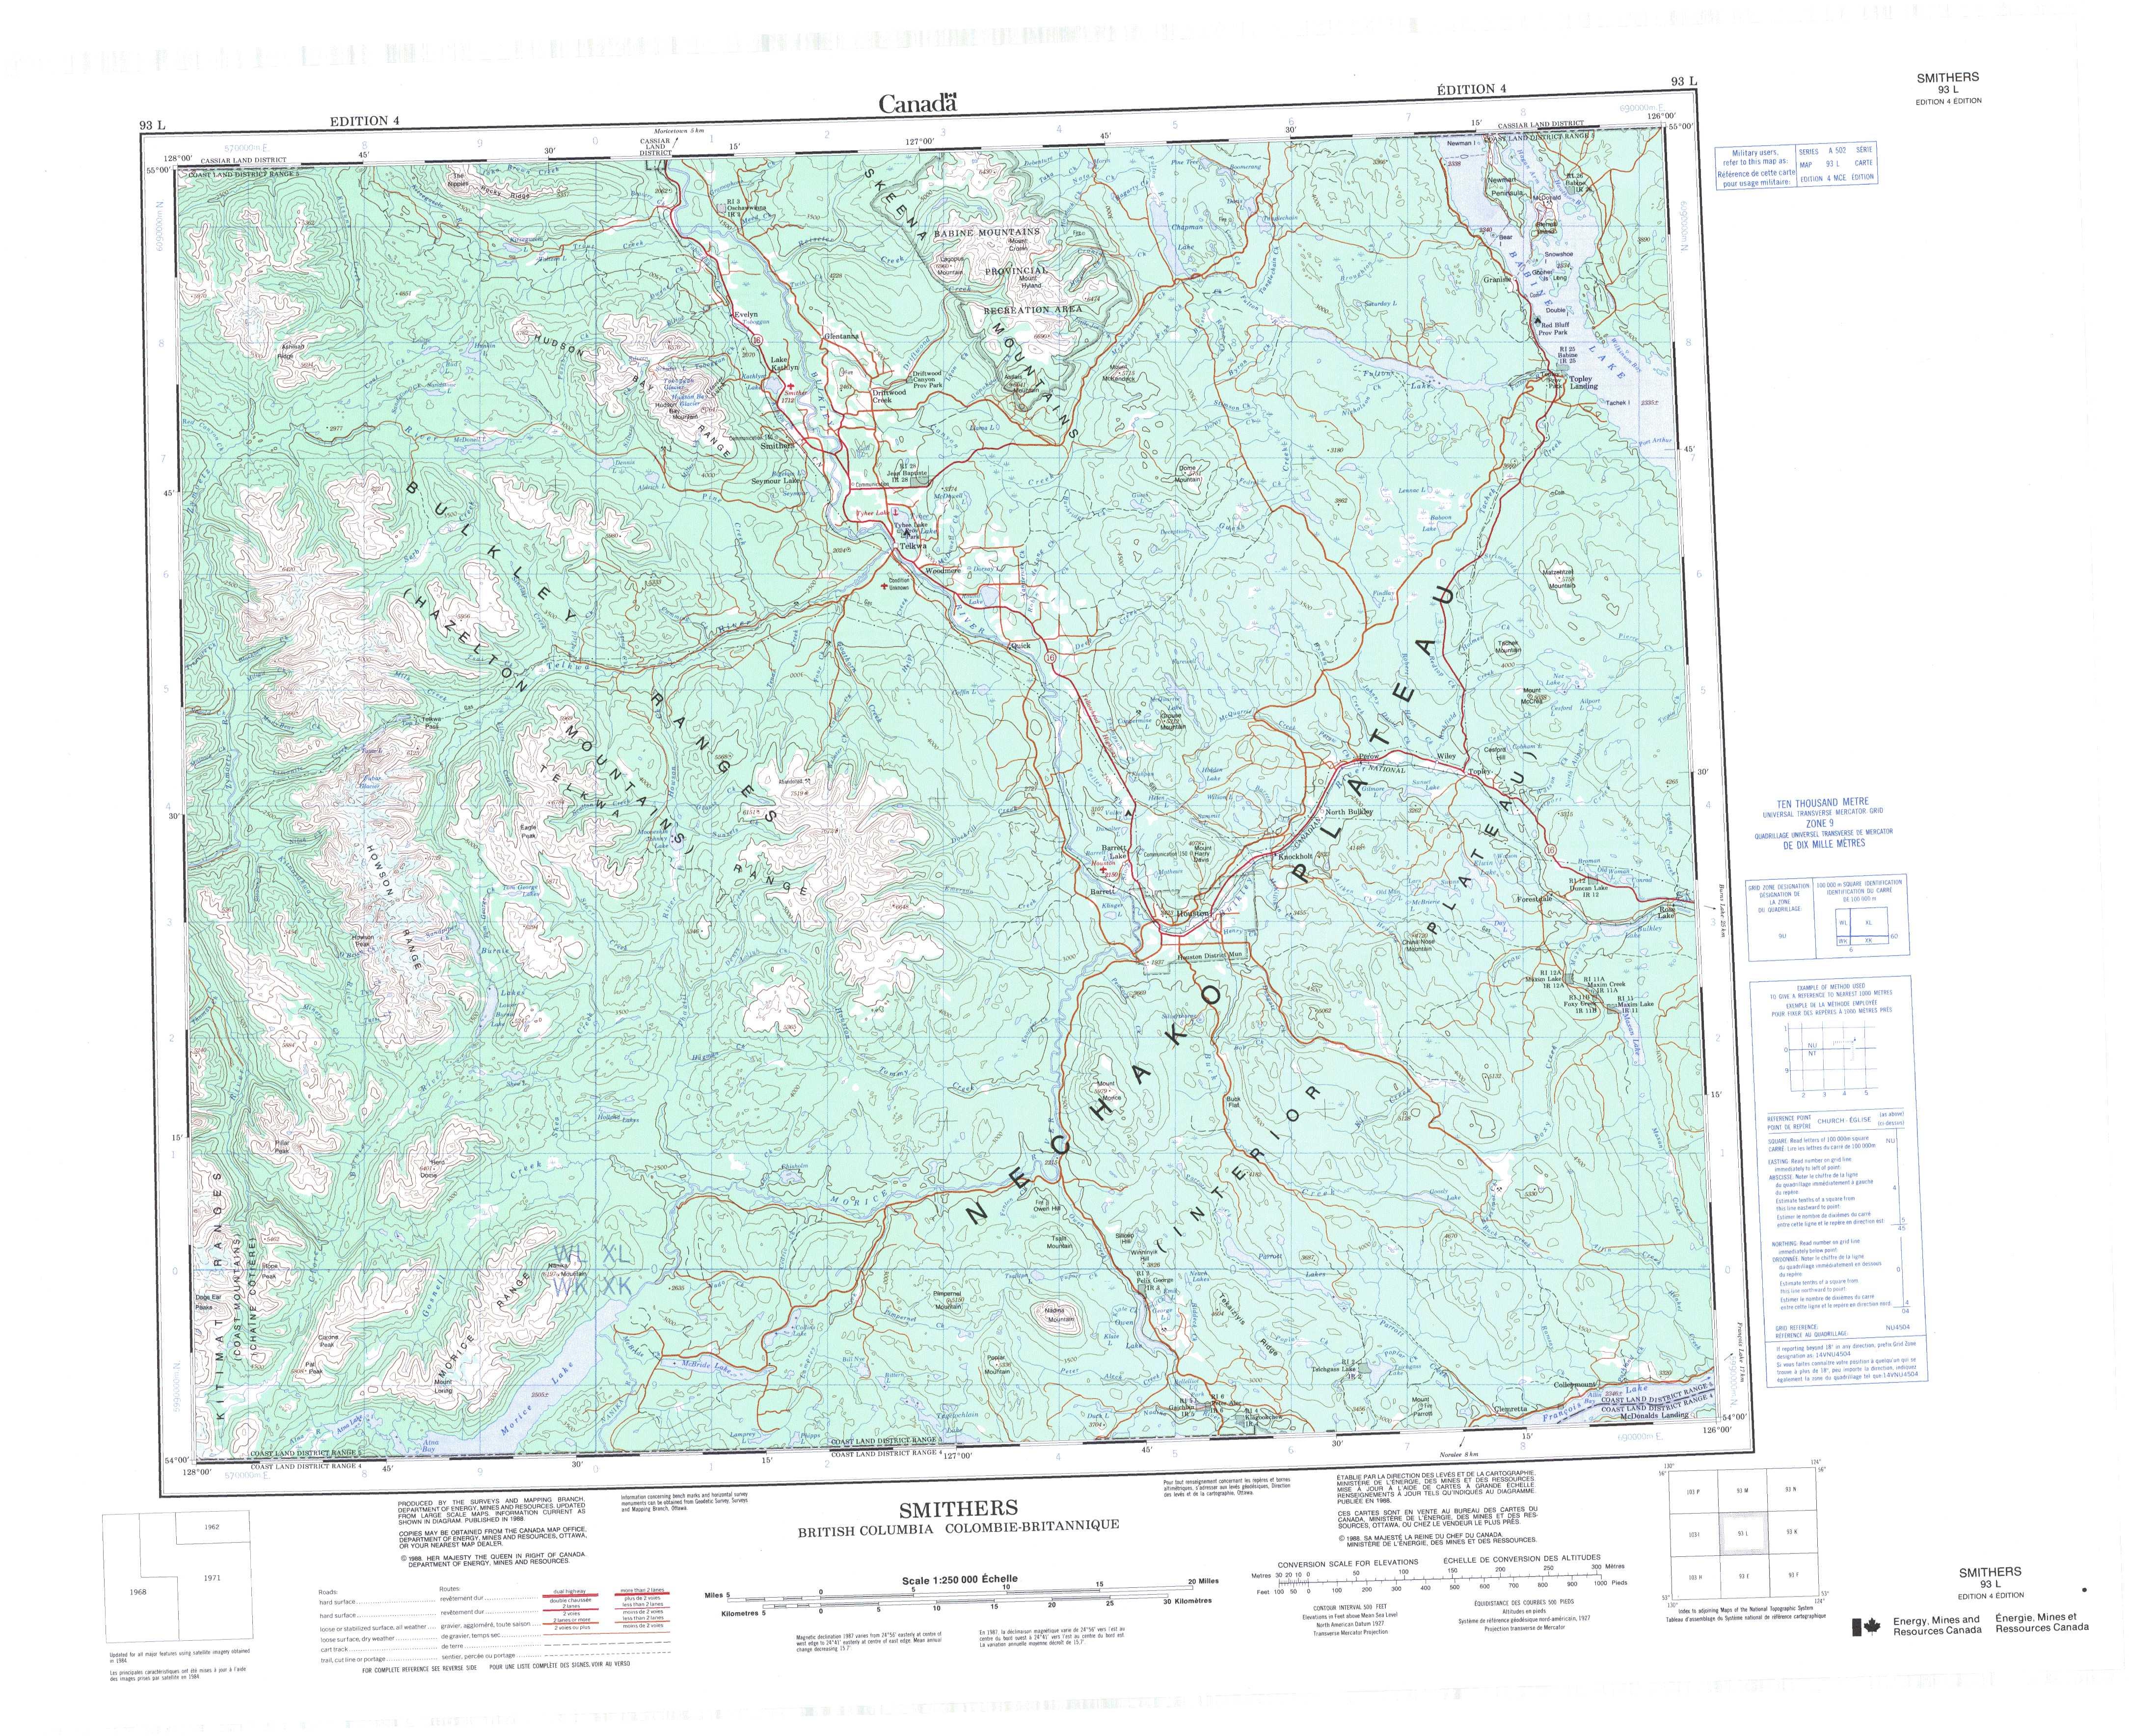 Download Topograph 98se Gratuito roznoel 093l_1_0